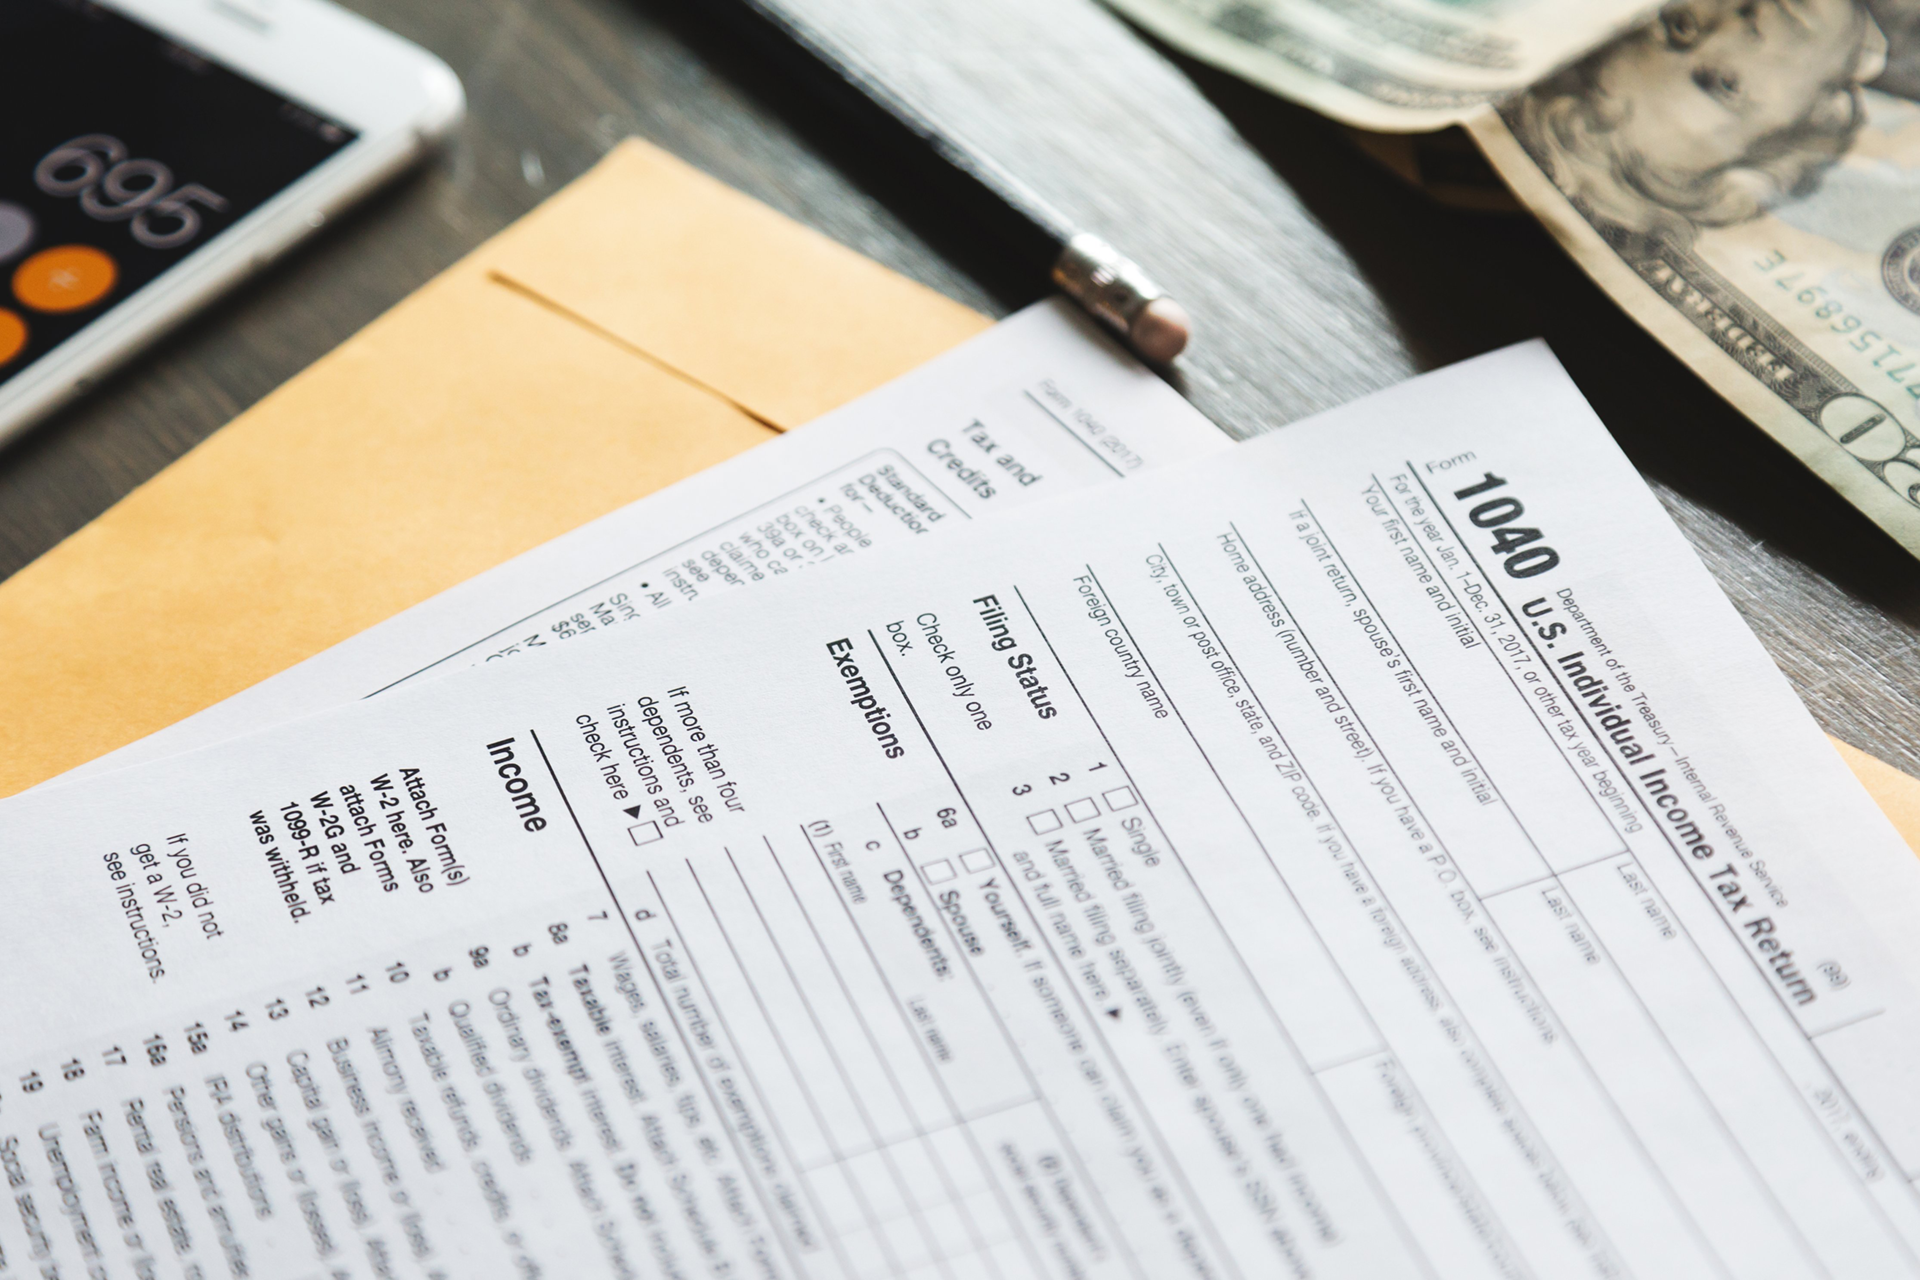 trust distribution tax - 1040 tax return form